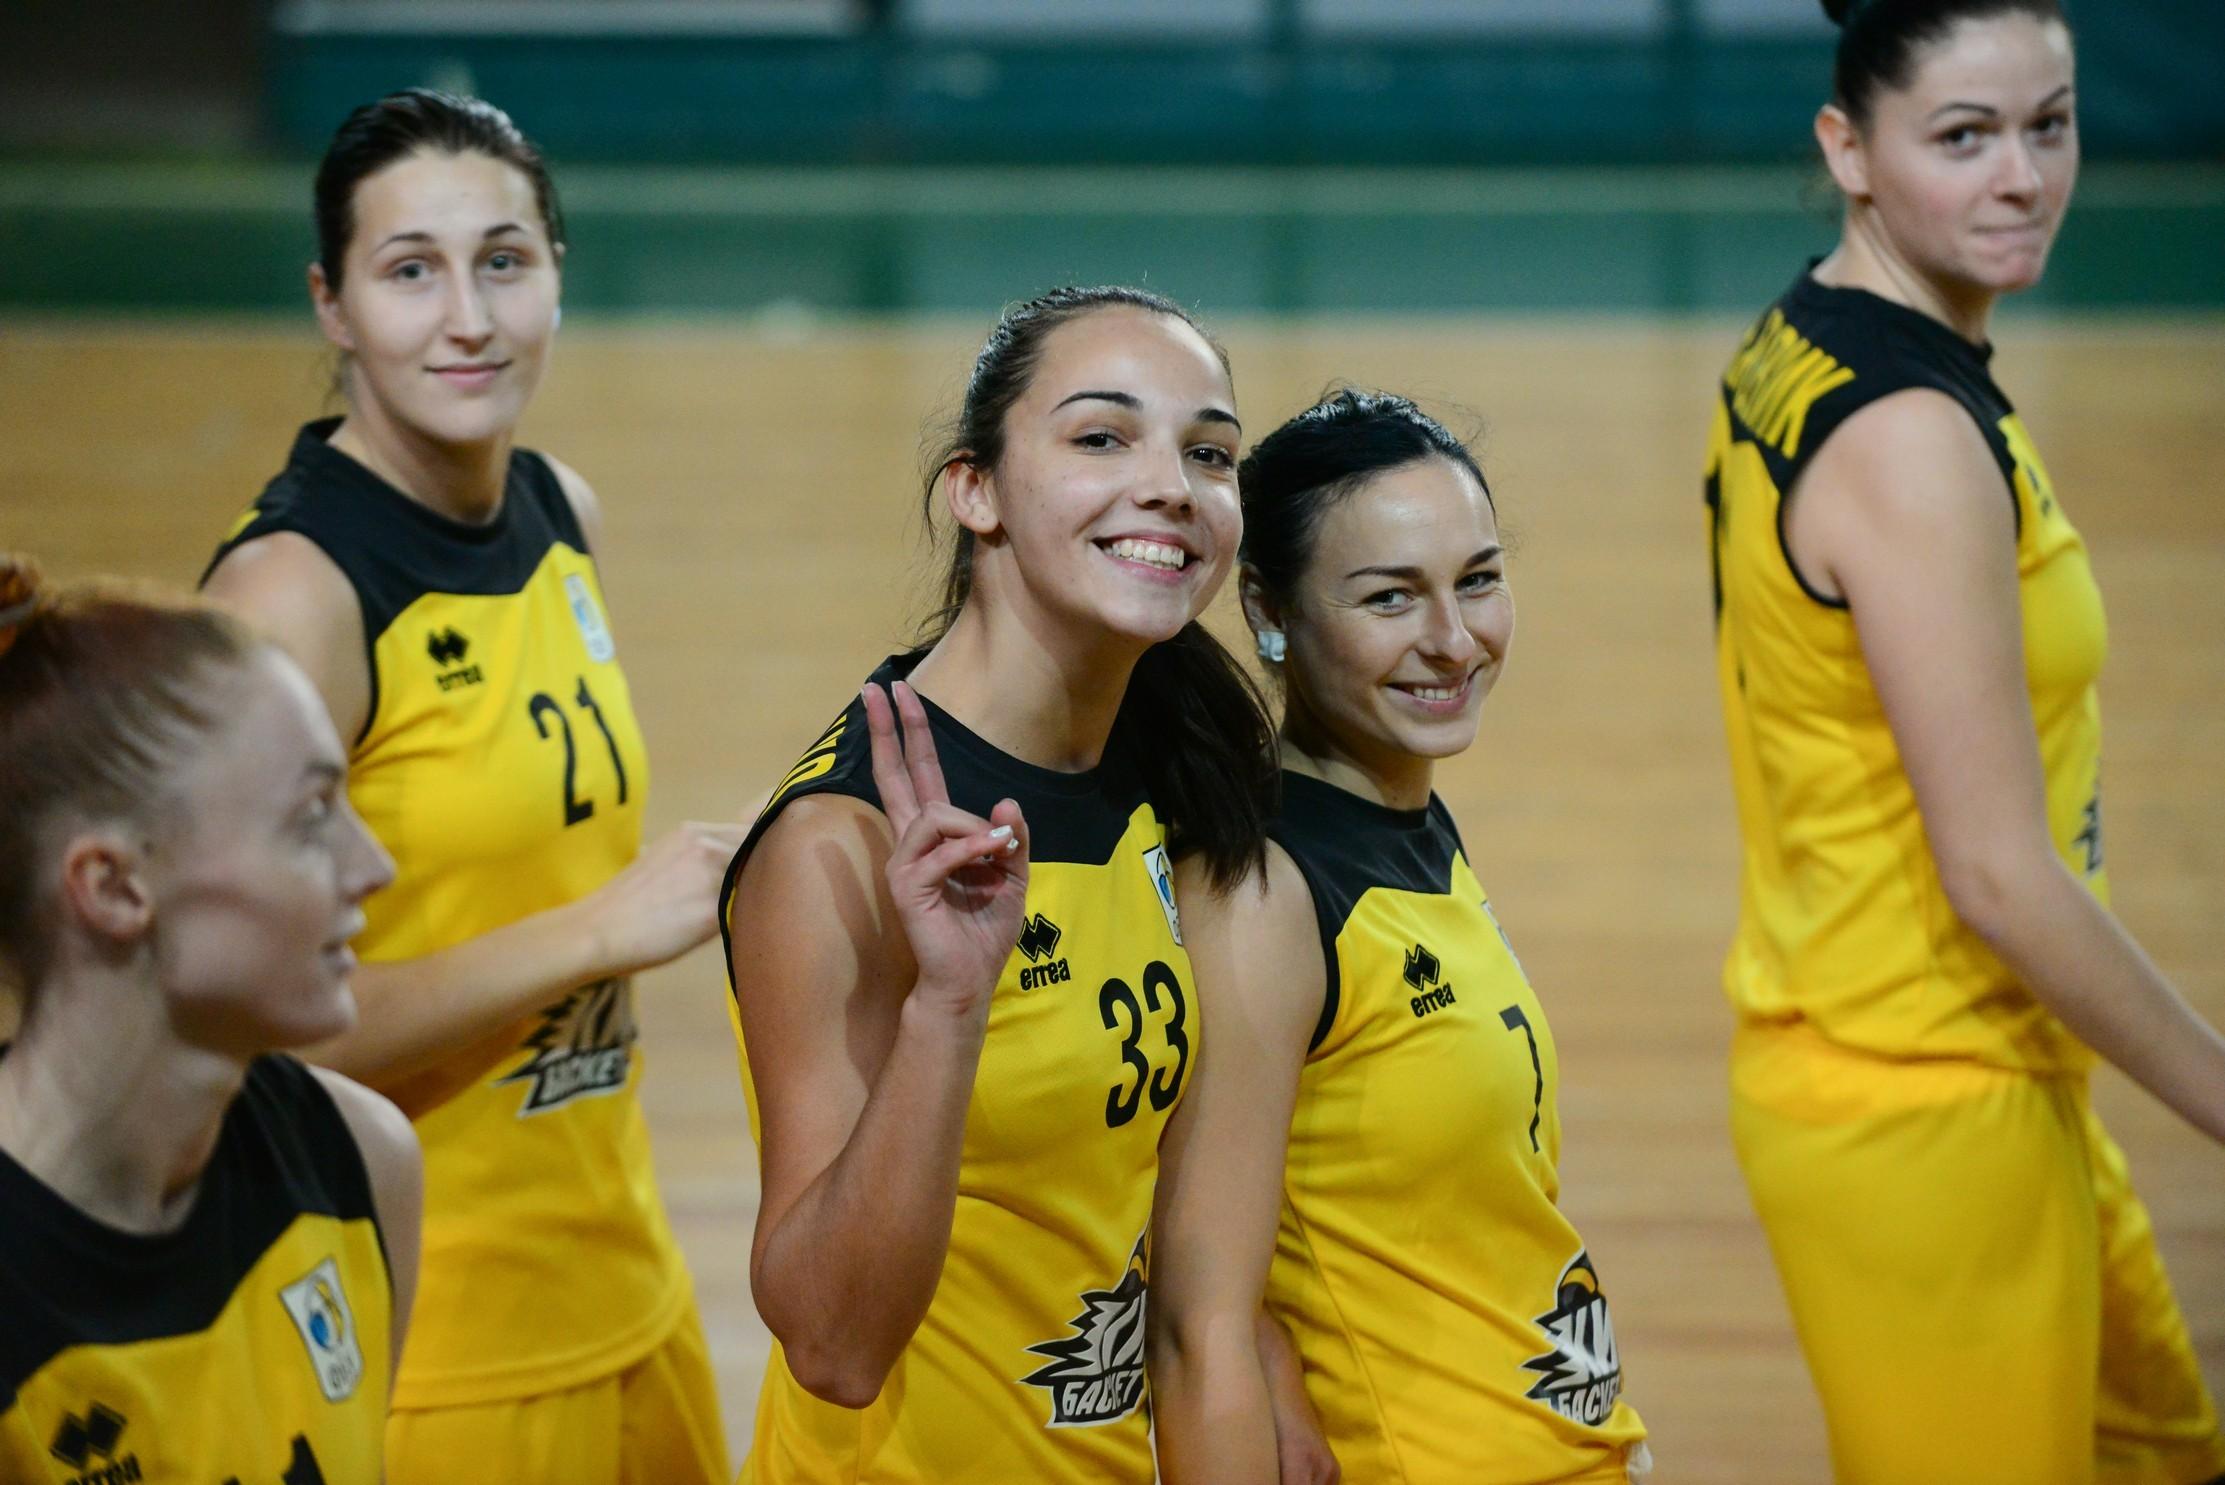 Десята перемога Київ-Баскета: фотогалерея